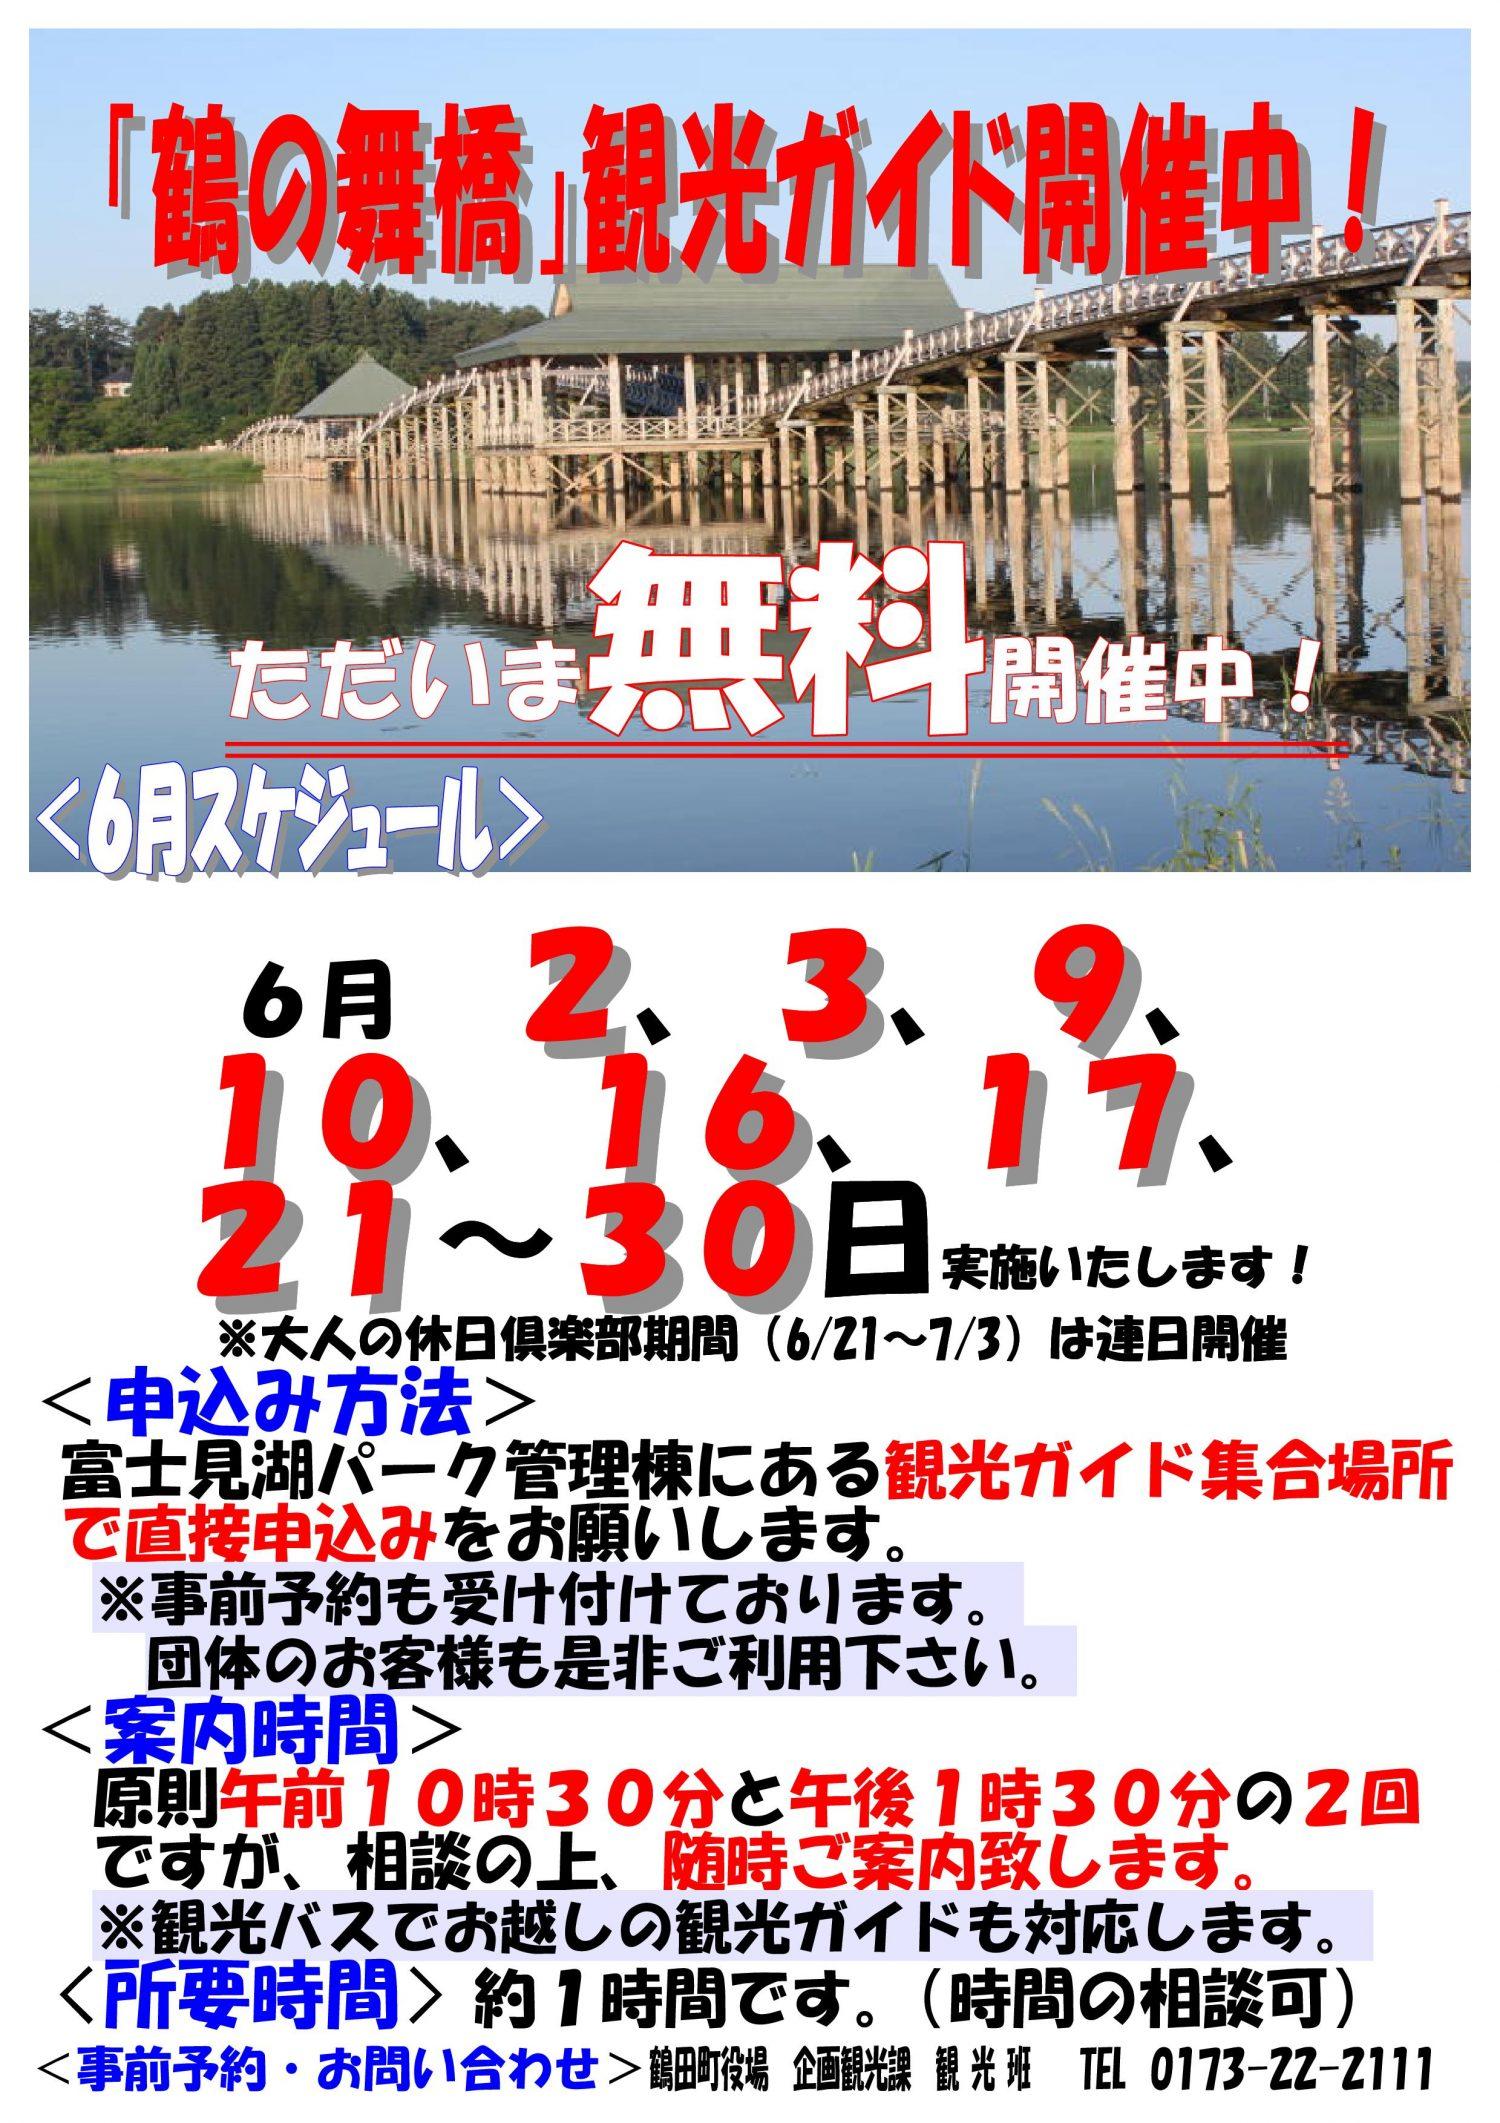 2018年6月 観光ガイド スケジュール